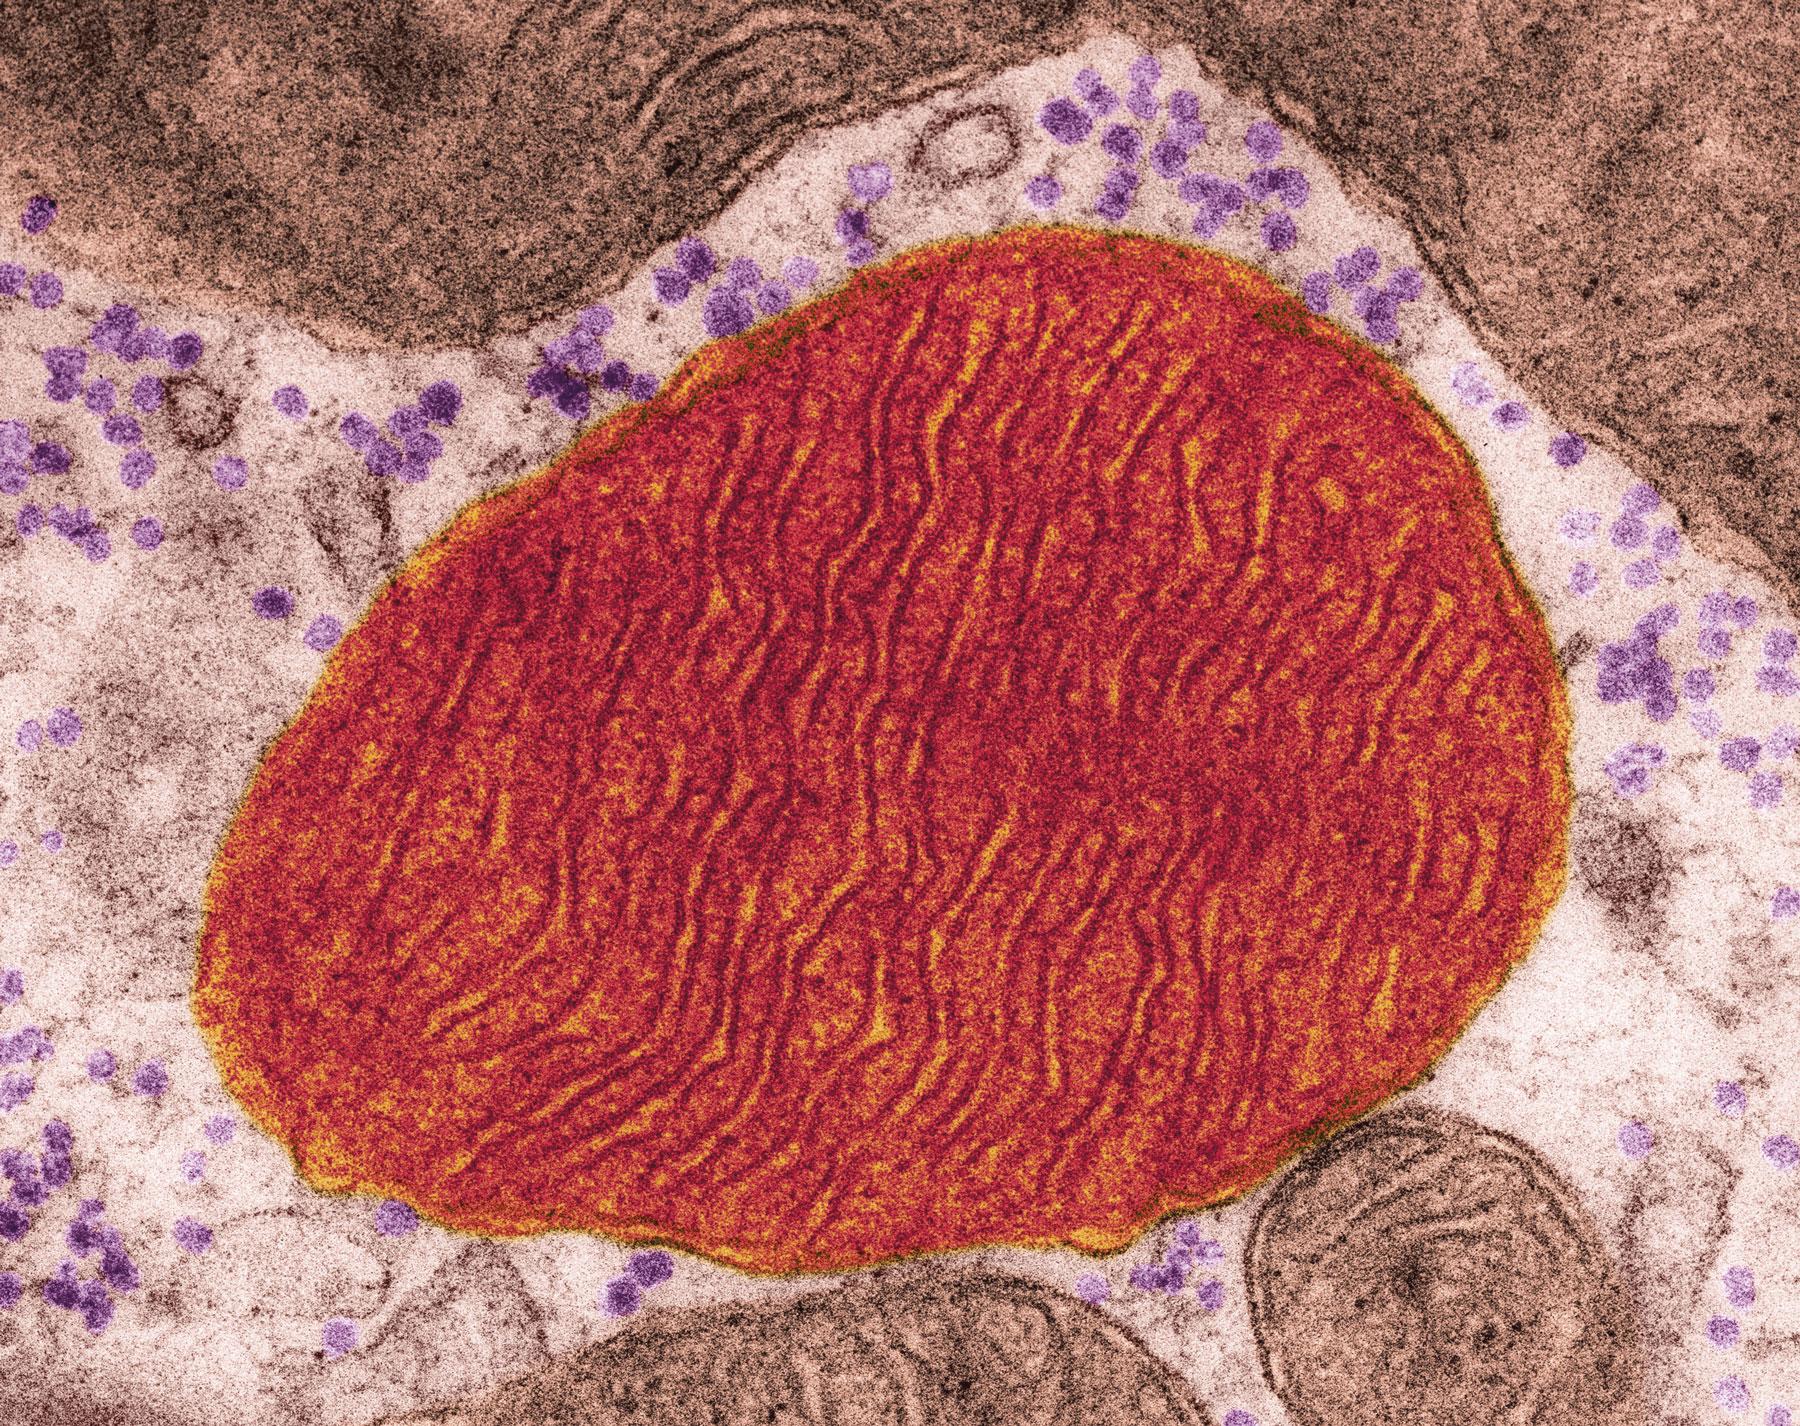 Uma mitocôndria, organela celular que converte nutrientes em energia, observada ao microscópio eletrônico